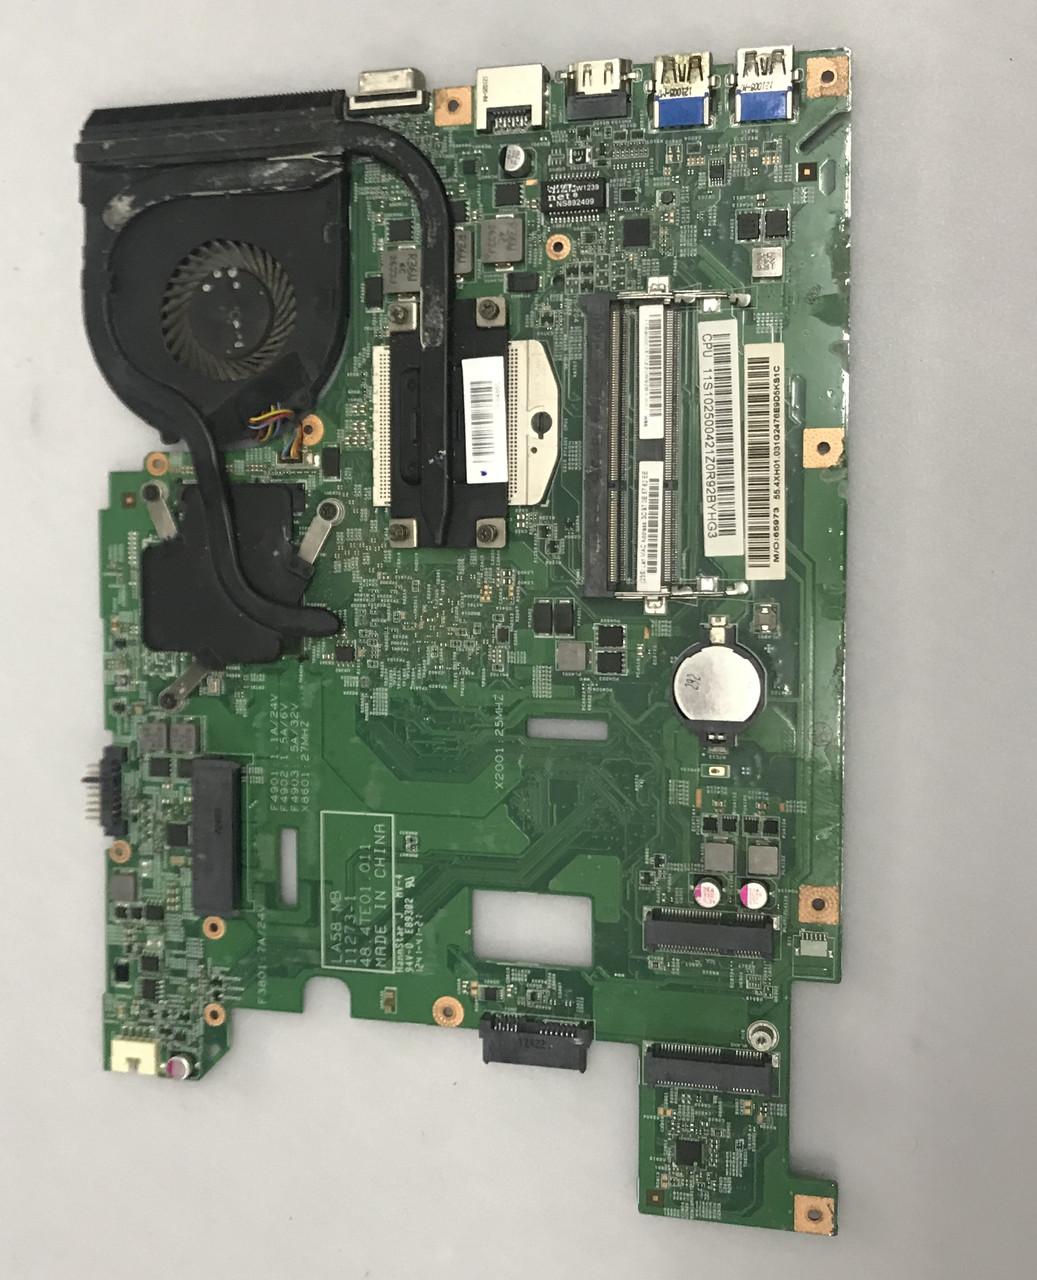 Ноутбук Lenovo V580c на запчасти (материнская плата 48.4TE01.011, 48.TE02.011, 48.4TE03.011, KSB06105HB)